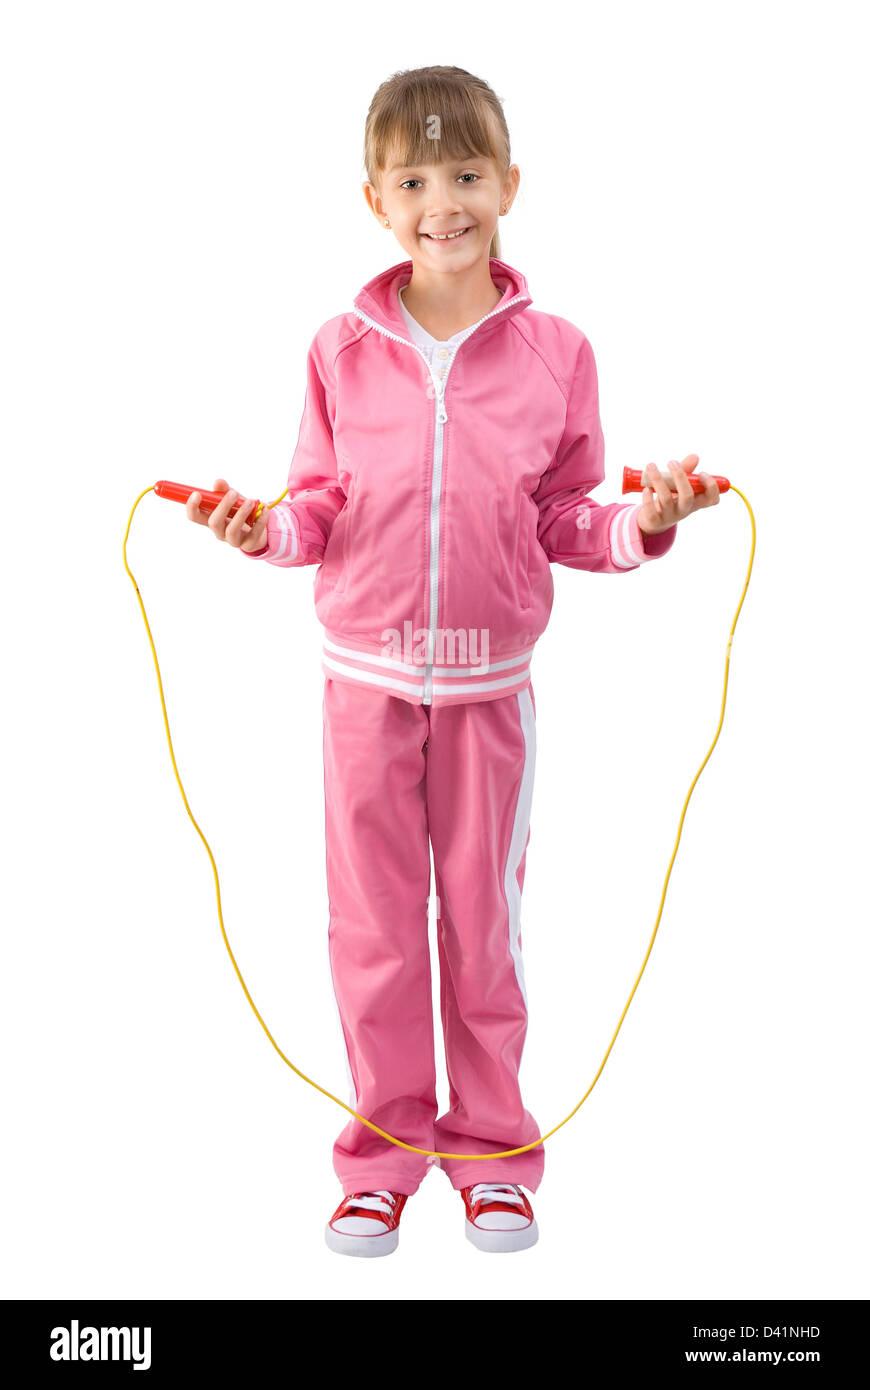 Das kleine Mädchen in einem rosa Sport Anzug springt durch ein Springseil Stockfoto